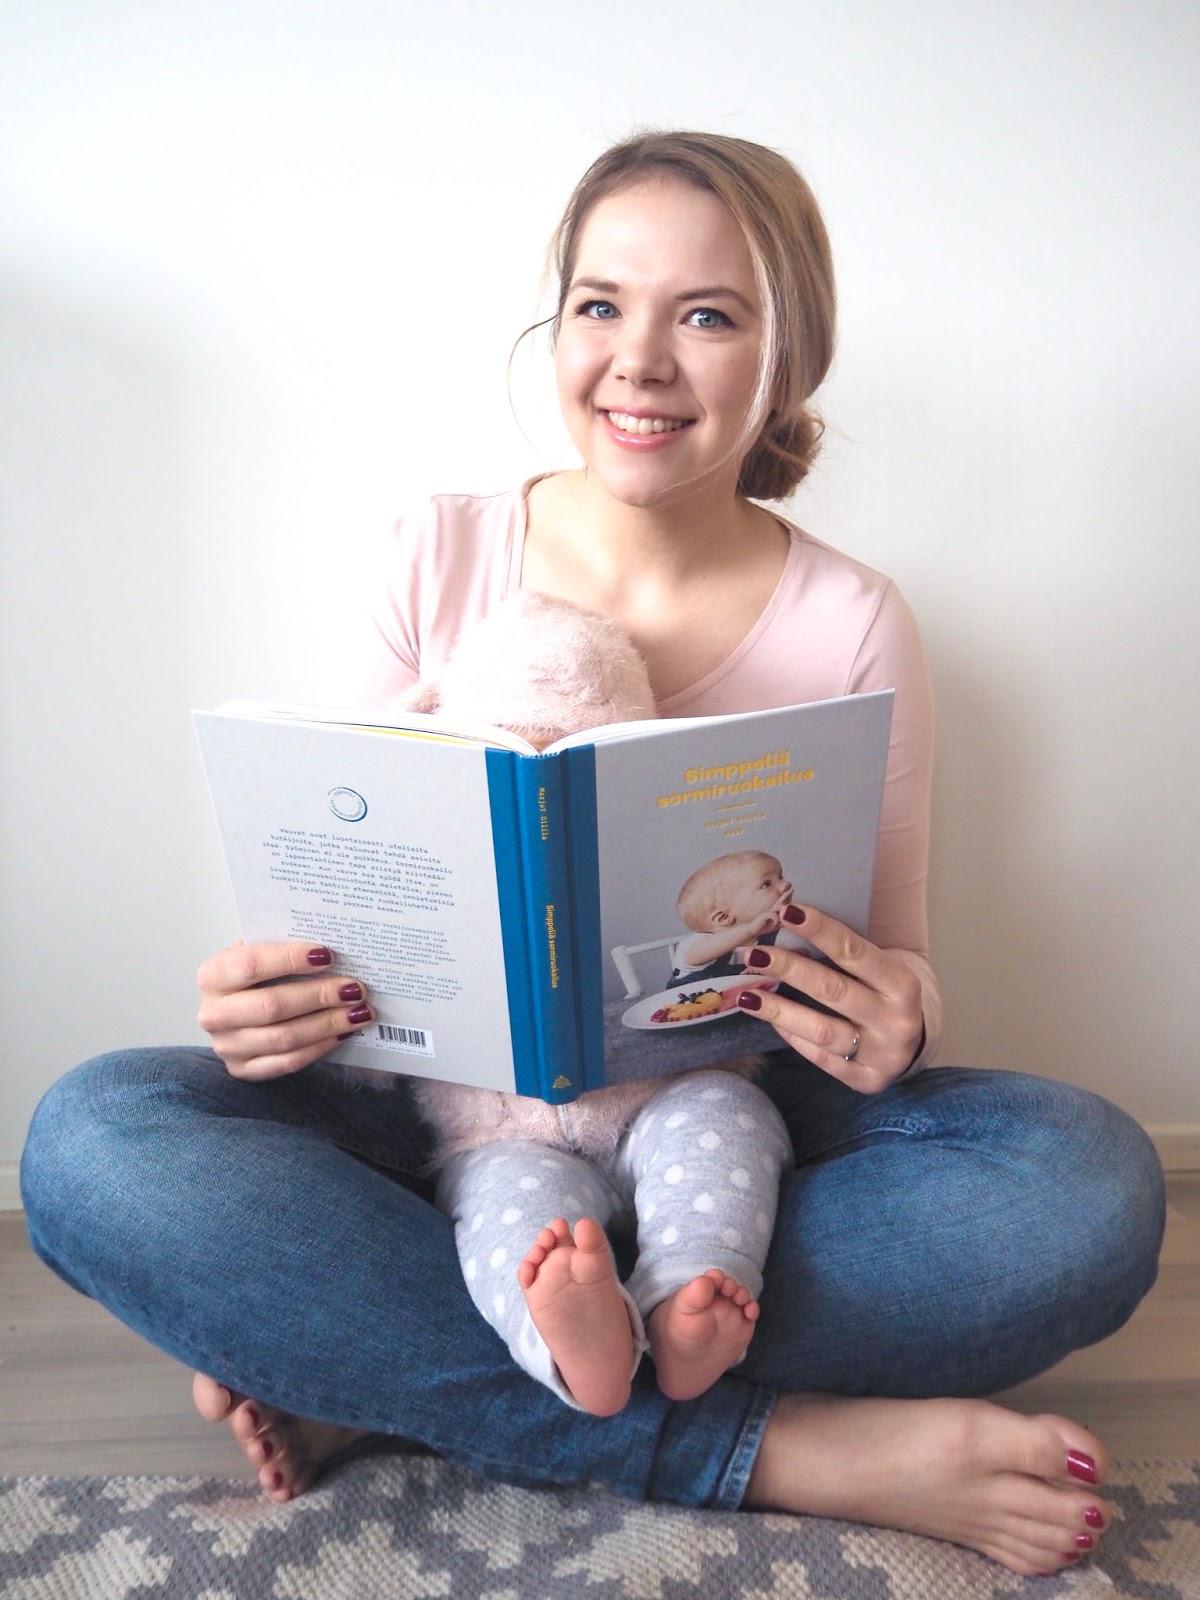 Sormiruokalija selaa Simppeliä Sormiruokailua -kirjaa